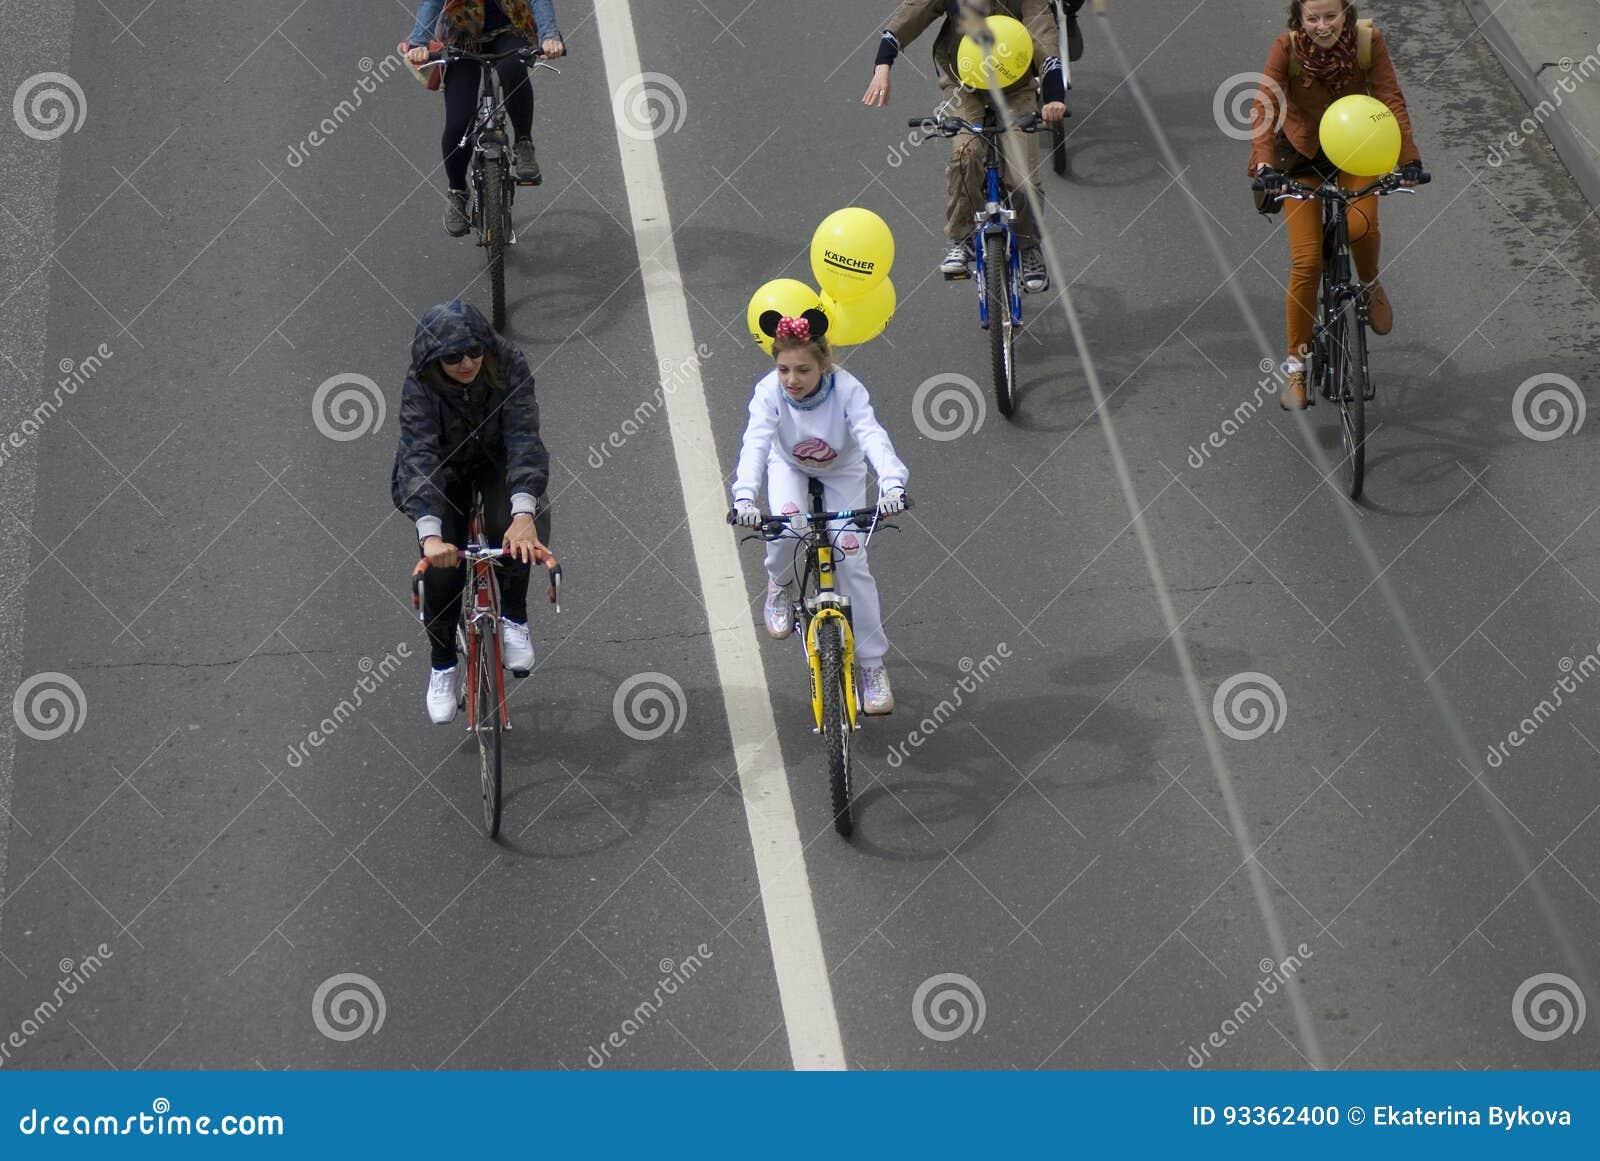 Beaucoup de personnes montent des bicyclettes au centre de la ville de Moscou